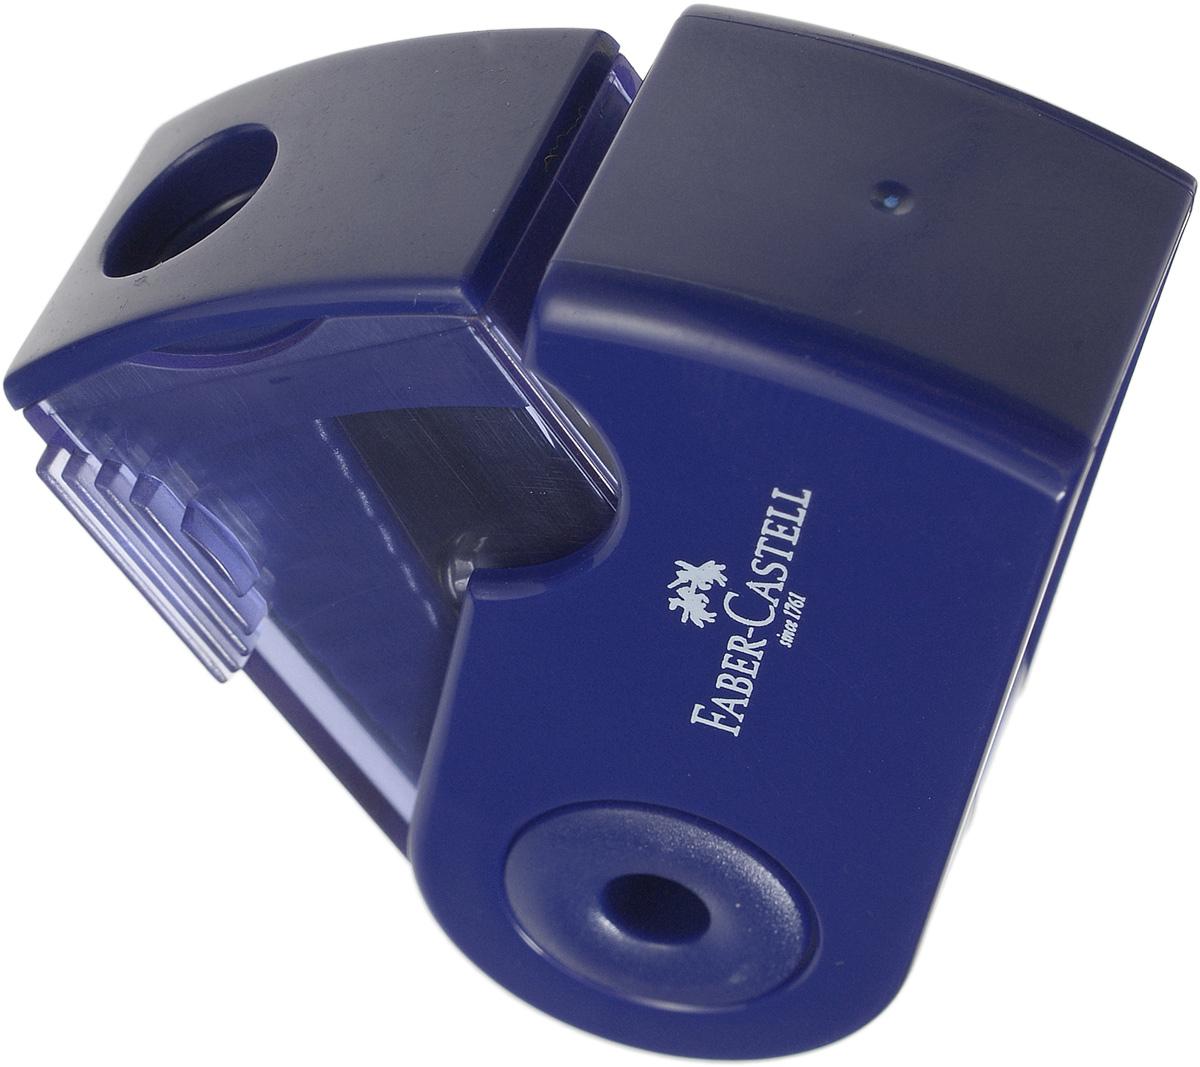 Мини-точилка Faber-Castell Sleeve выполнена из прочного пластика.В точилке имеется одно отверстие для карандашей классического диаметра. Эргономичная форма контейнераобеспечивает стабильное положение кисти. Карандаш затачивается легко иаккуратно, а опилки после заточки остаются в специальном контейнереповышенной вместимости.